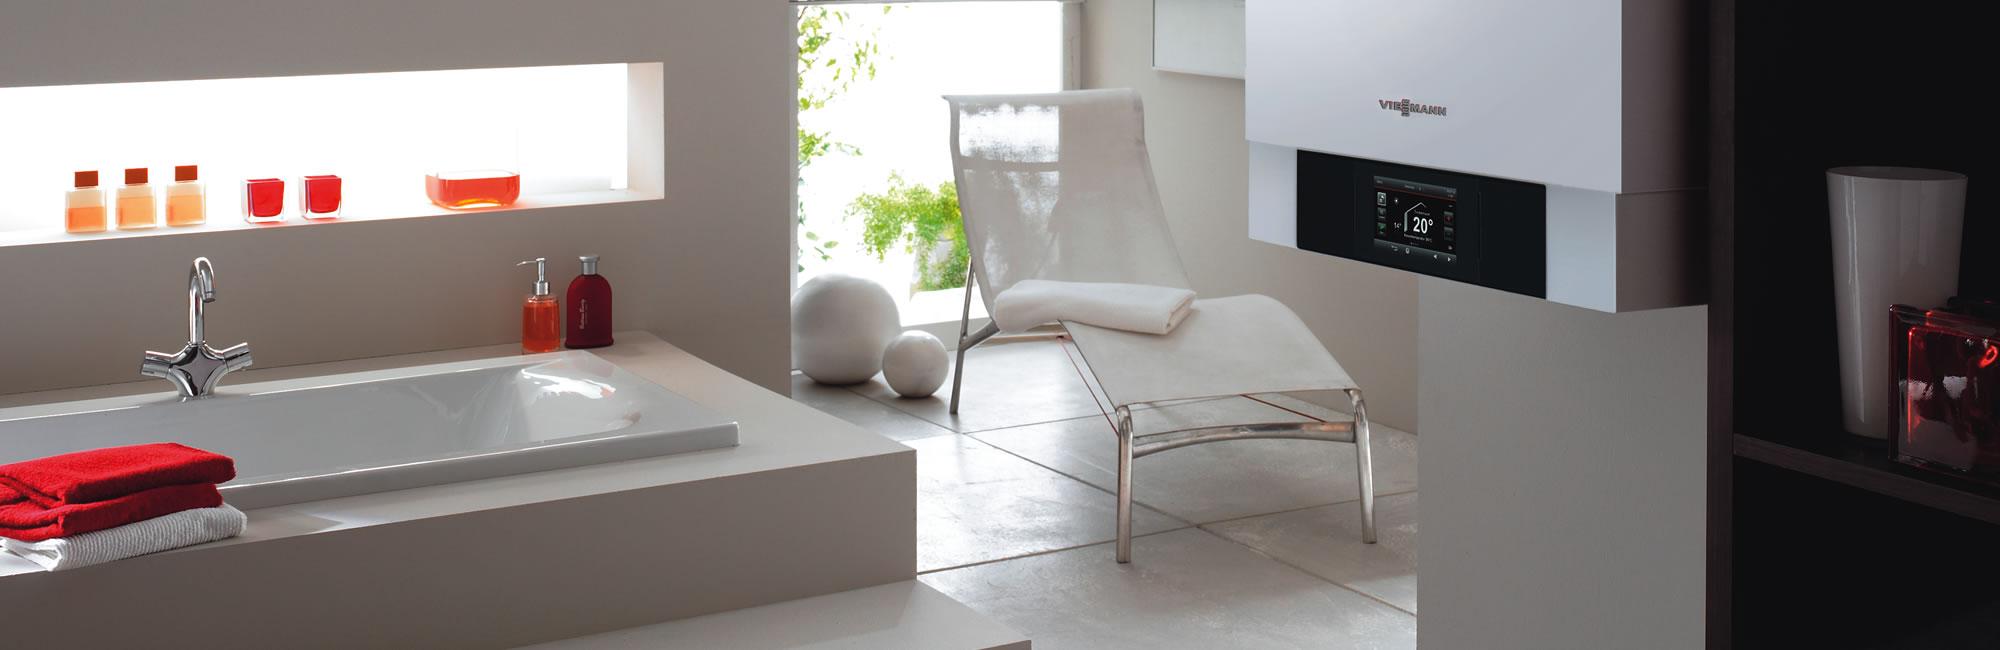 sanit r bad badgestaltung heizung sanit r johannes dede. Black Bedroom Furniture Sets. Home Design Ideas